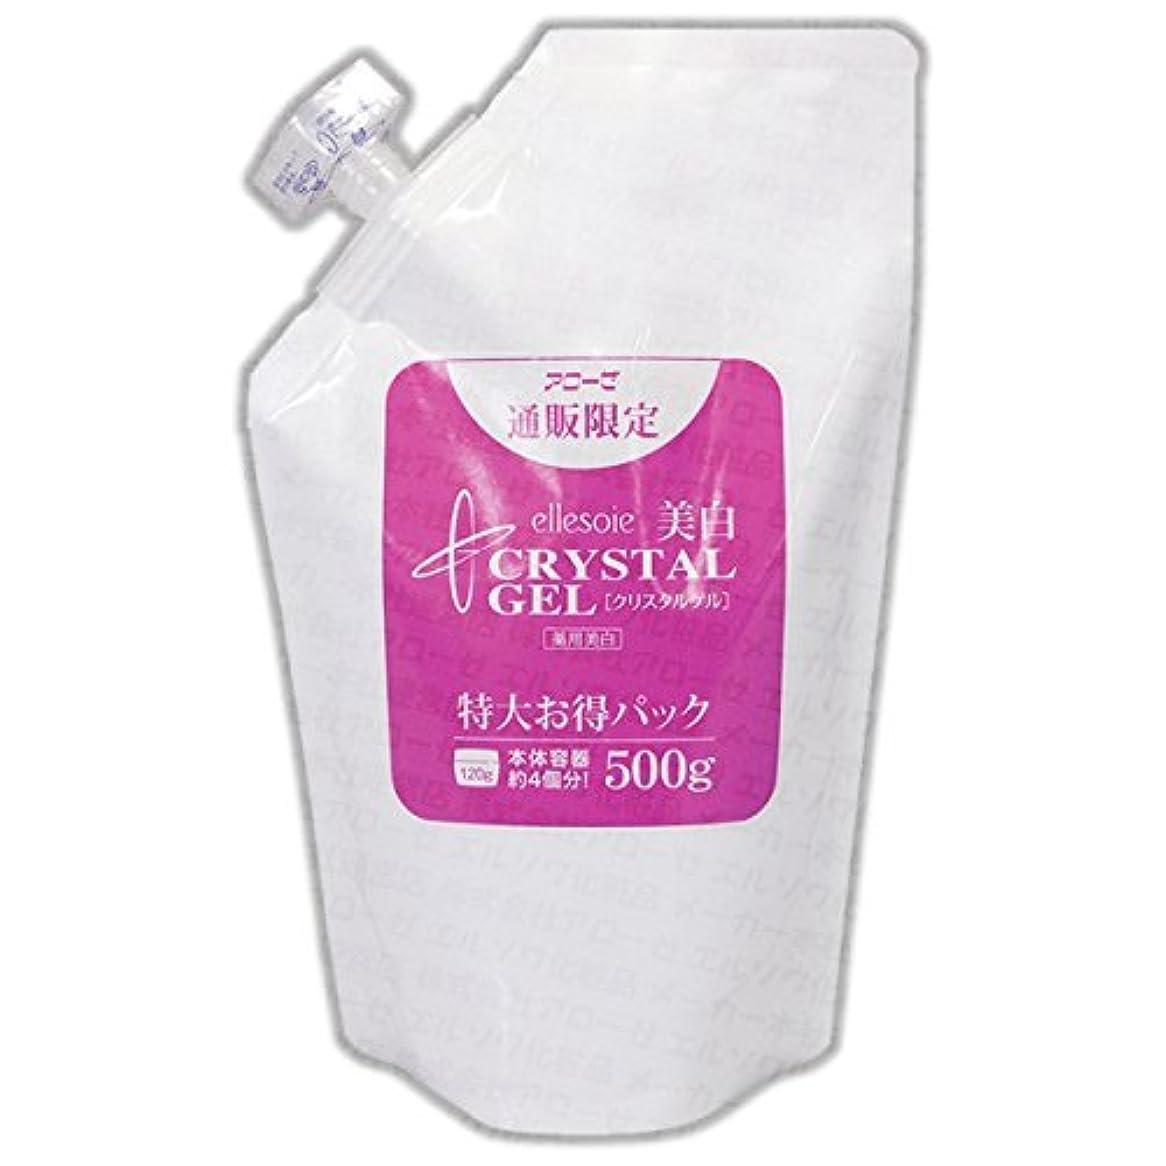 分析的風変わりな大胆不敵エルソワ化粧品(ellesoie) クリスタルゲルS 詰替用500g 保存用キャップ付 薬用美白オールインワン